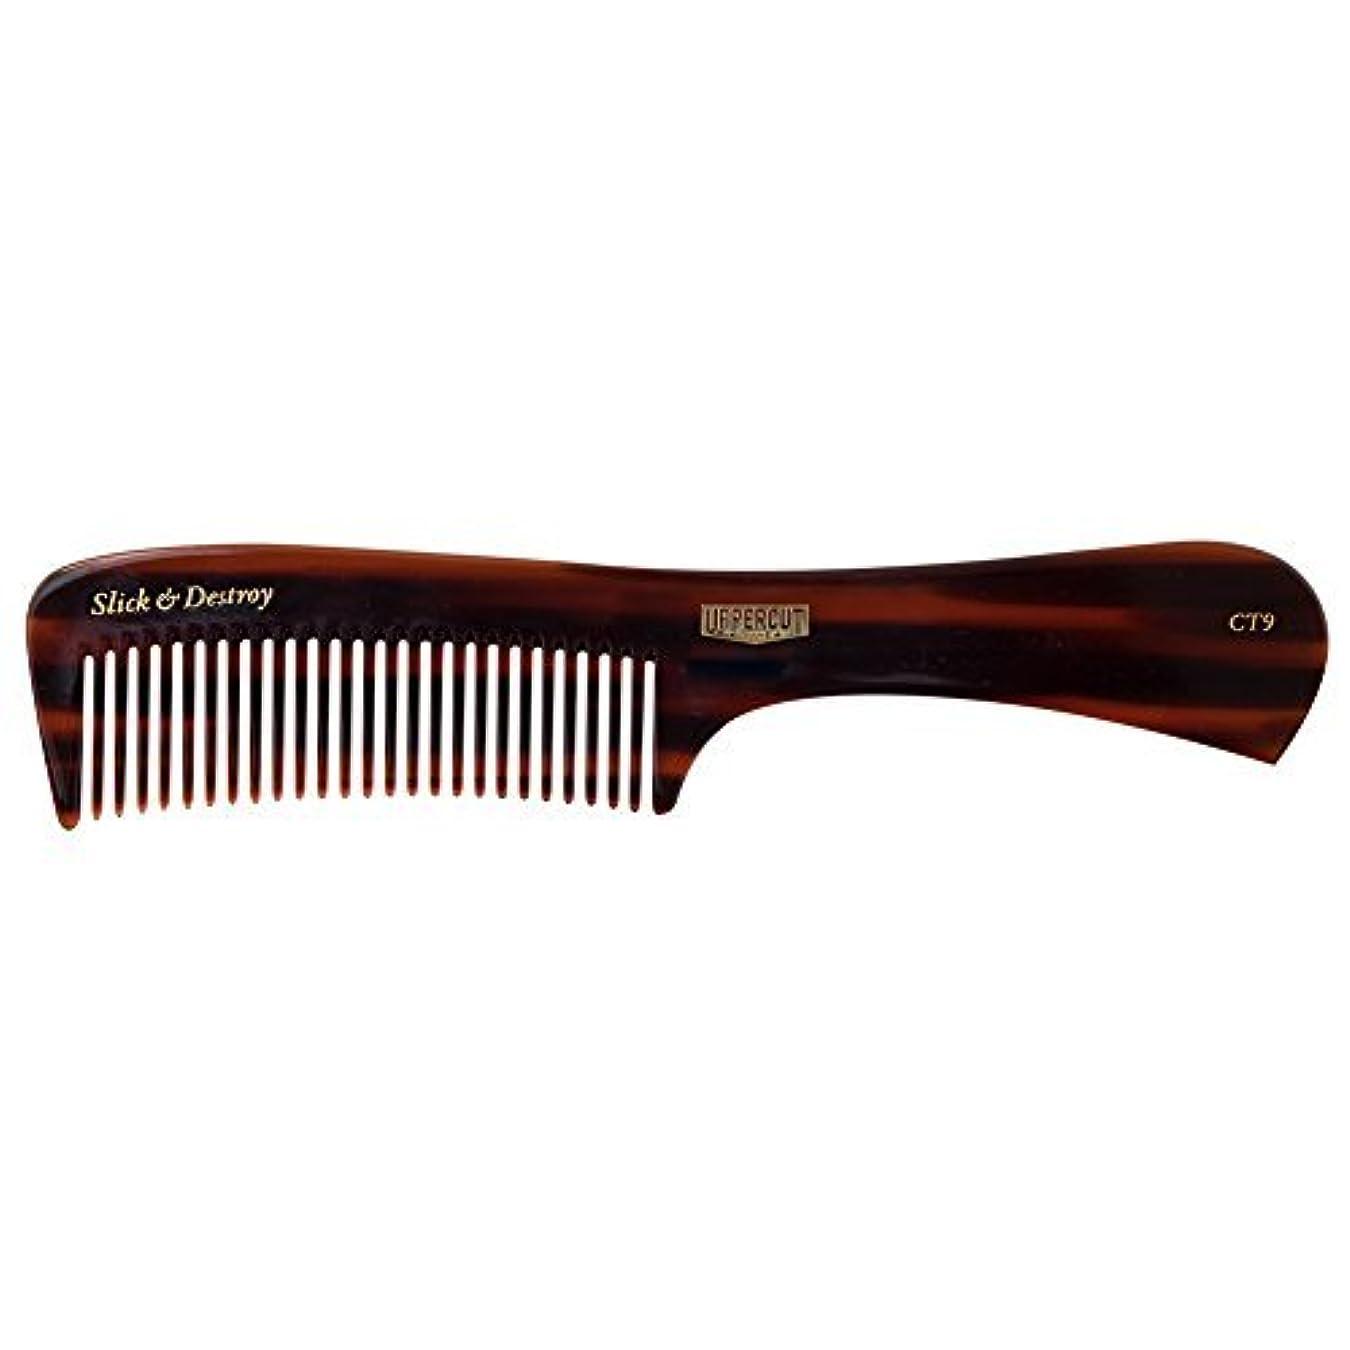 長椅子イサカ栄養Uppercut Deluxe CT9 Tortoise Styling Comb - Minimal Static, Flexible - Slick & Destroy [並行輸入品]